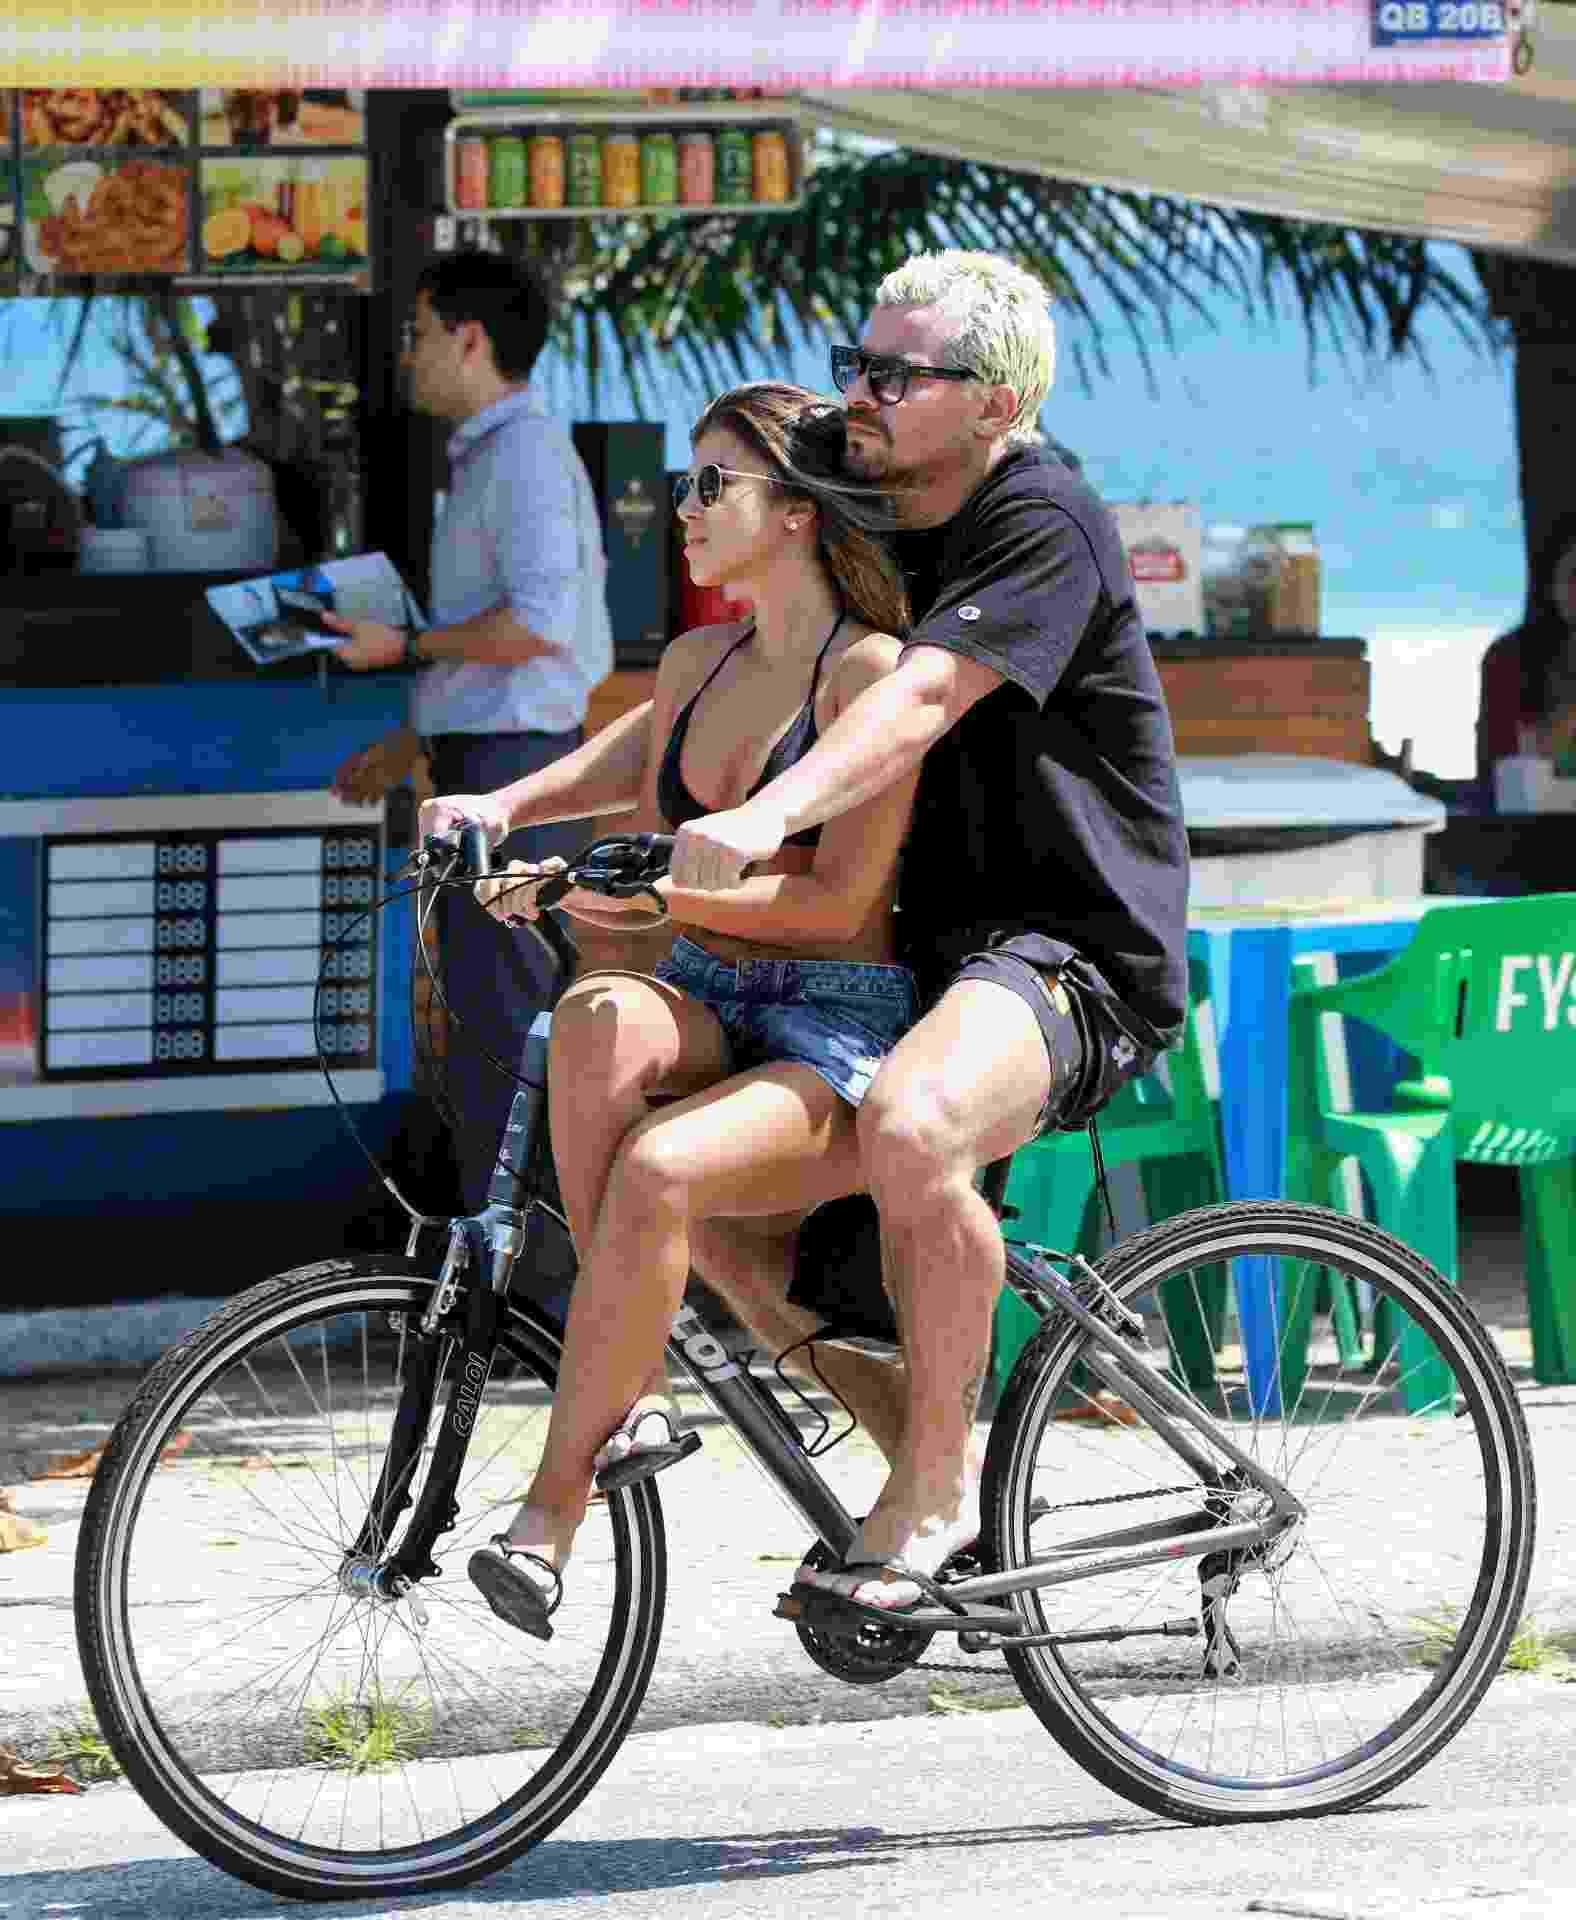 Thiago Martins e a namorada, Talita Nogueira, curtem tarde de sol na praia da Barra da Tijuca, no Rio de Janeiro - Dilson Silva/AgNews